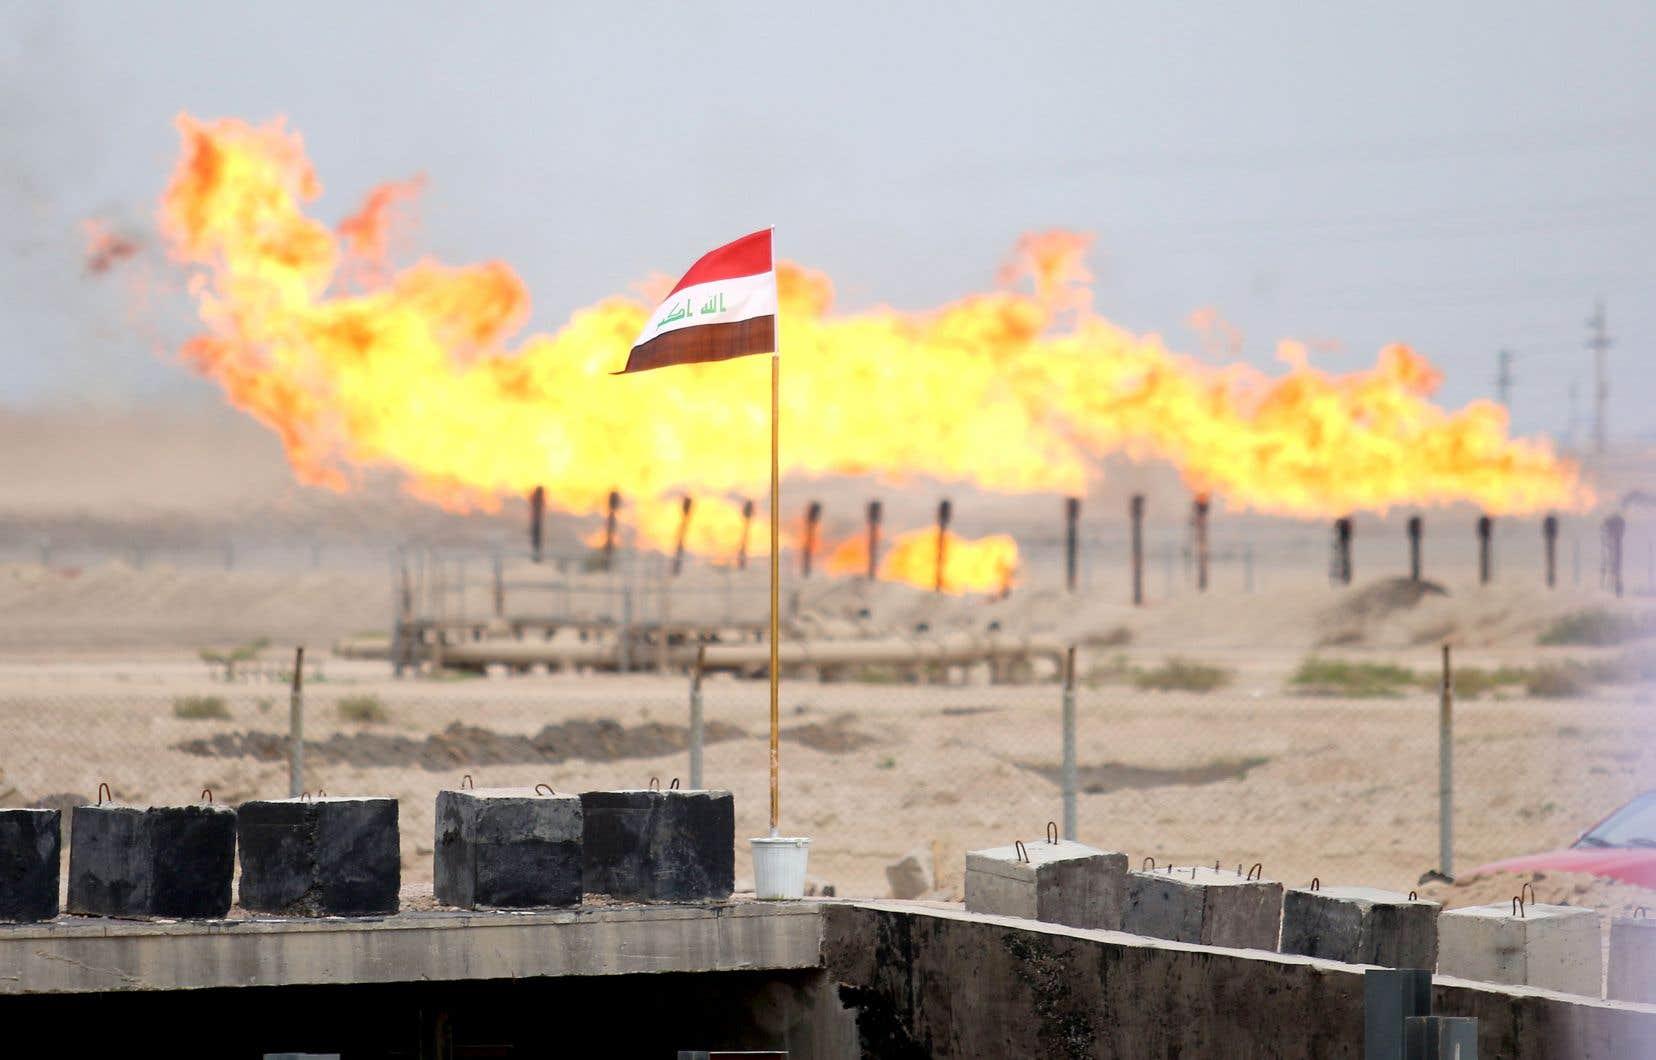 Alors qu'ils tournaient encore autour de 60 $US il y a quelques mois, les cours du baril ont atteint en début de semaine dernière des niveaux plus vus depuis 2002. Le prix du baril selon le panier de l'OPEP est juste au-dessus de 21 $US.